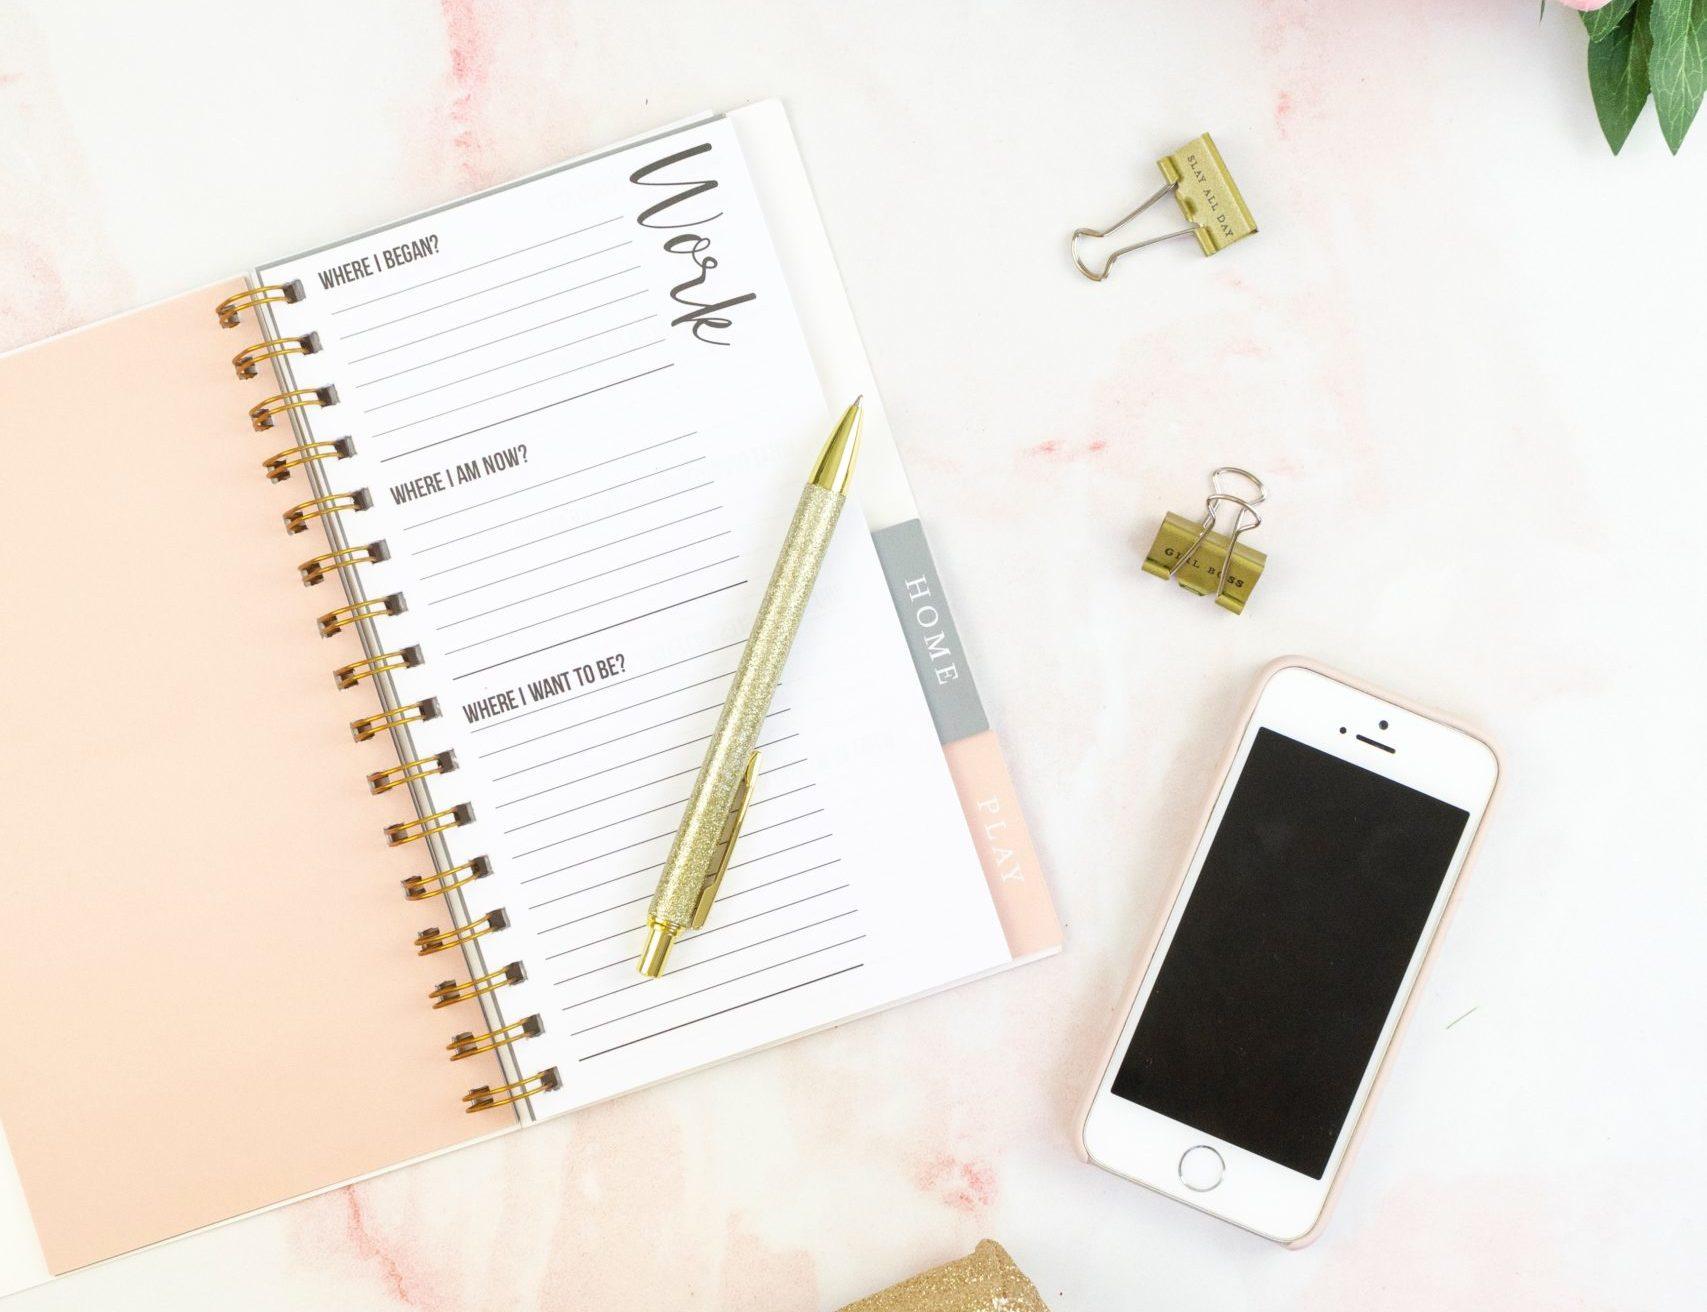 La checklist per essere più produttivi